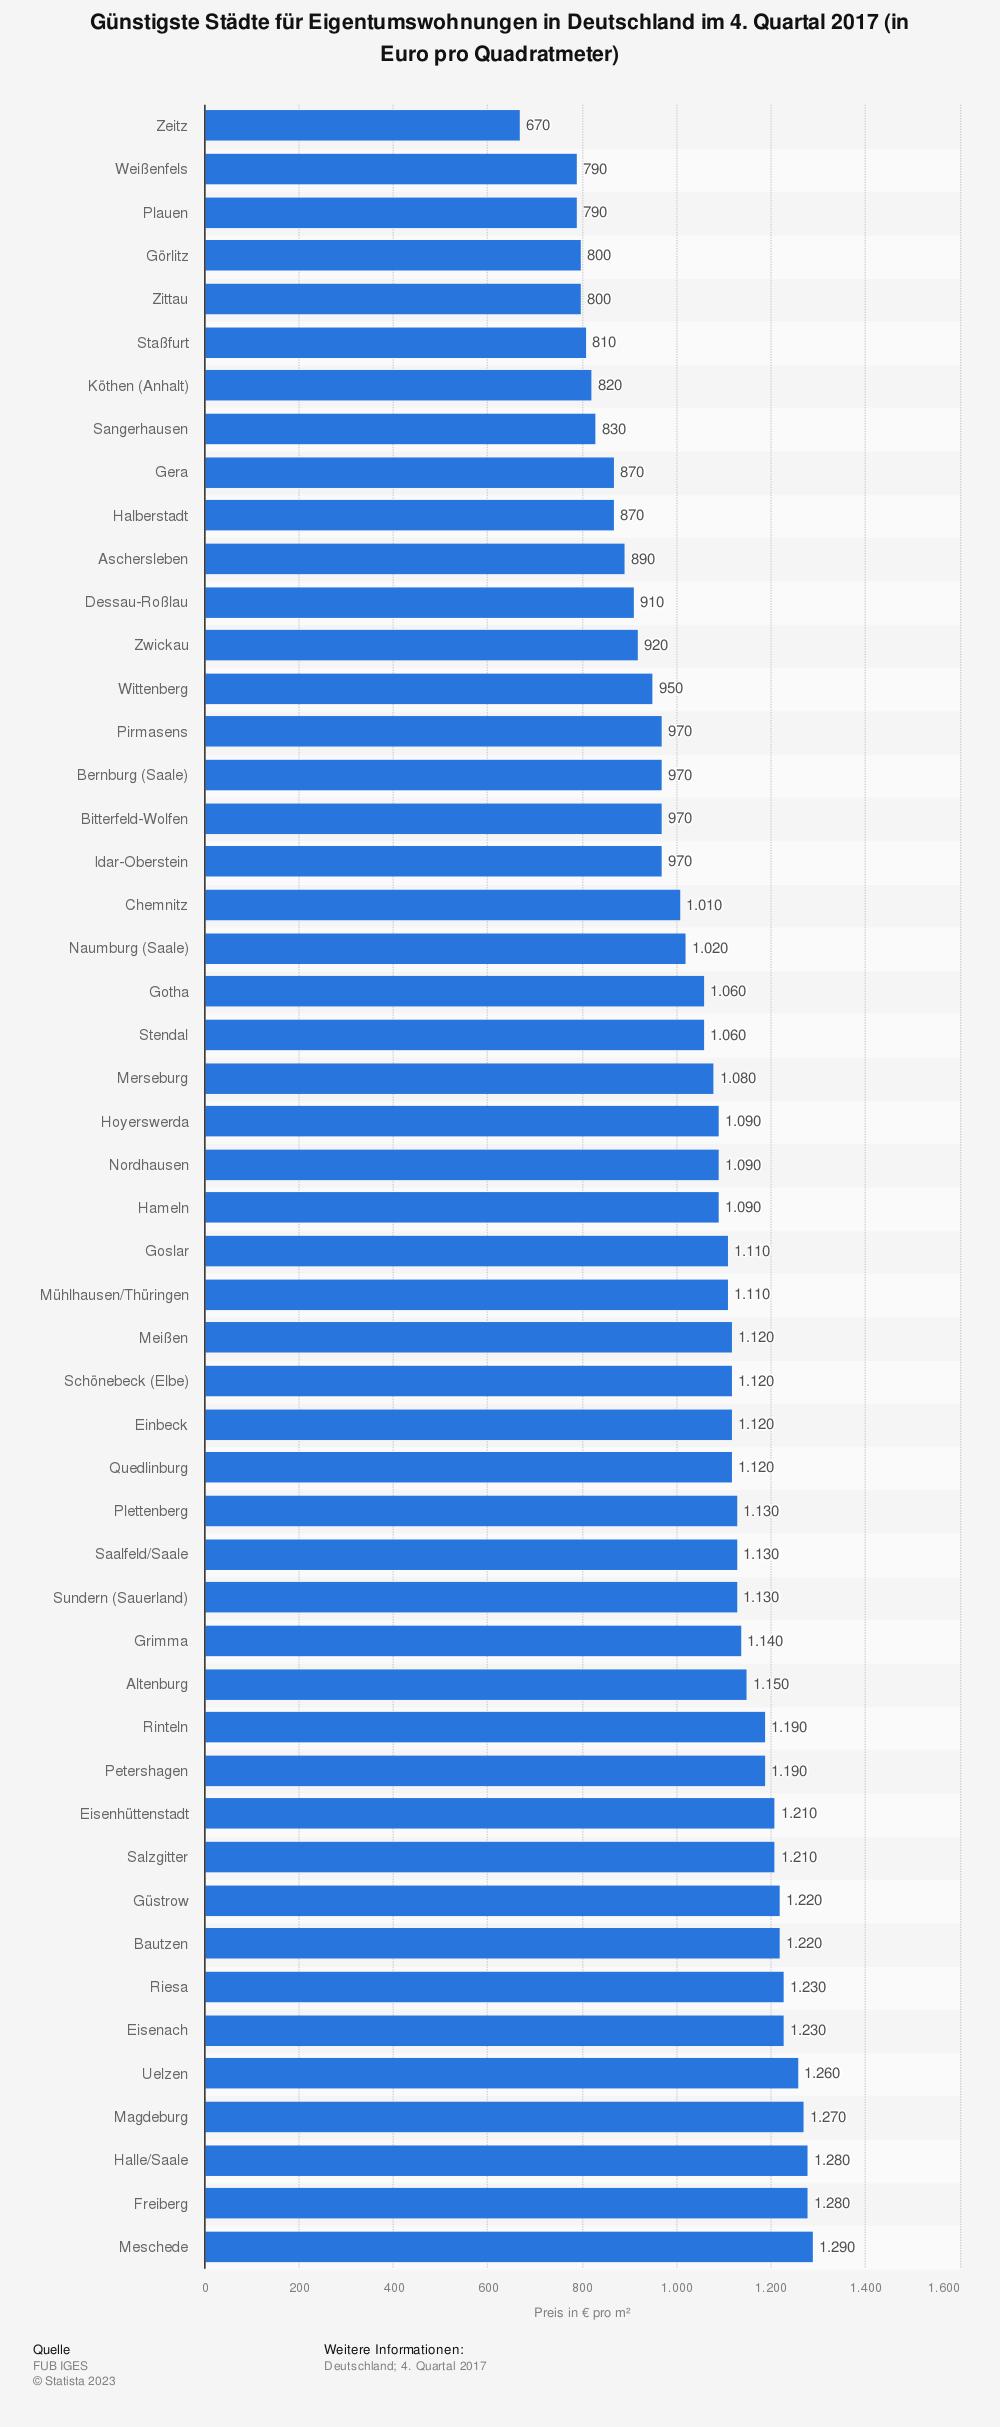 Statistik: Günstigste Städte für Eigentumswohnungen in Deutschland im 4. Quartal 2017 (in Euro pro Quadratmeter) | Statista